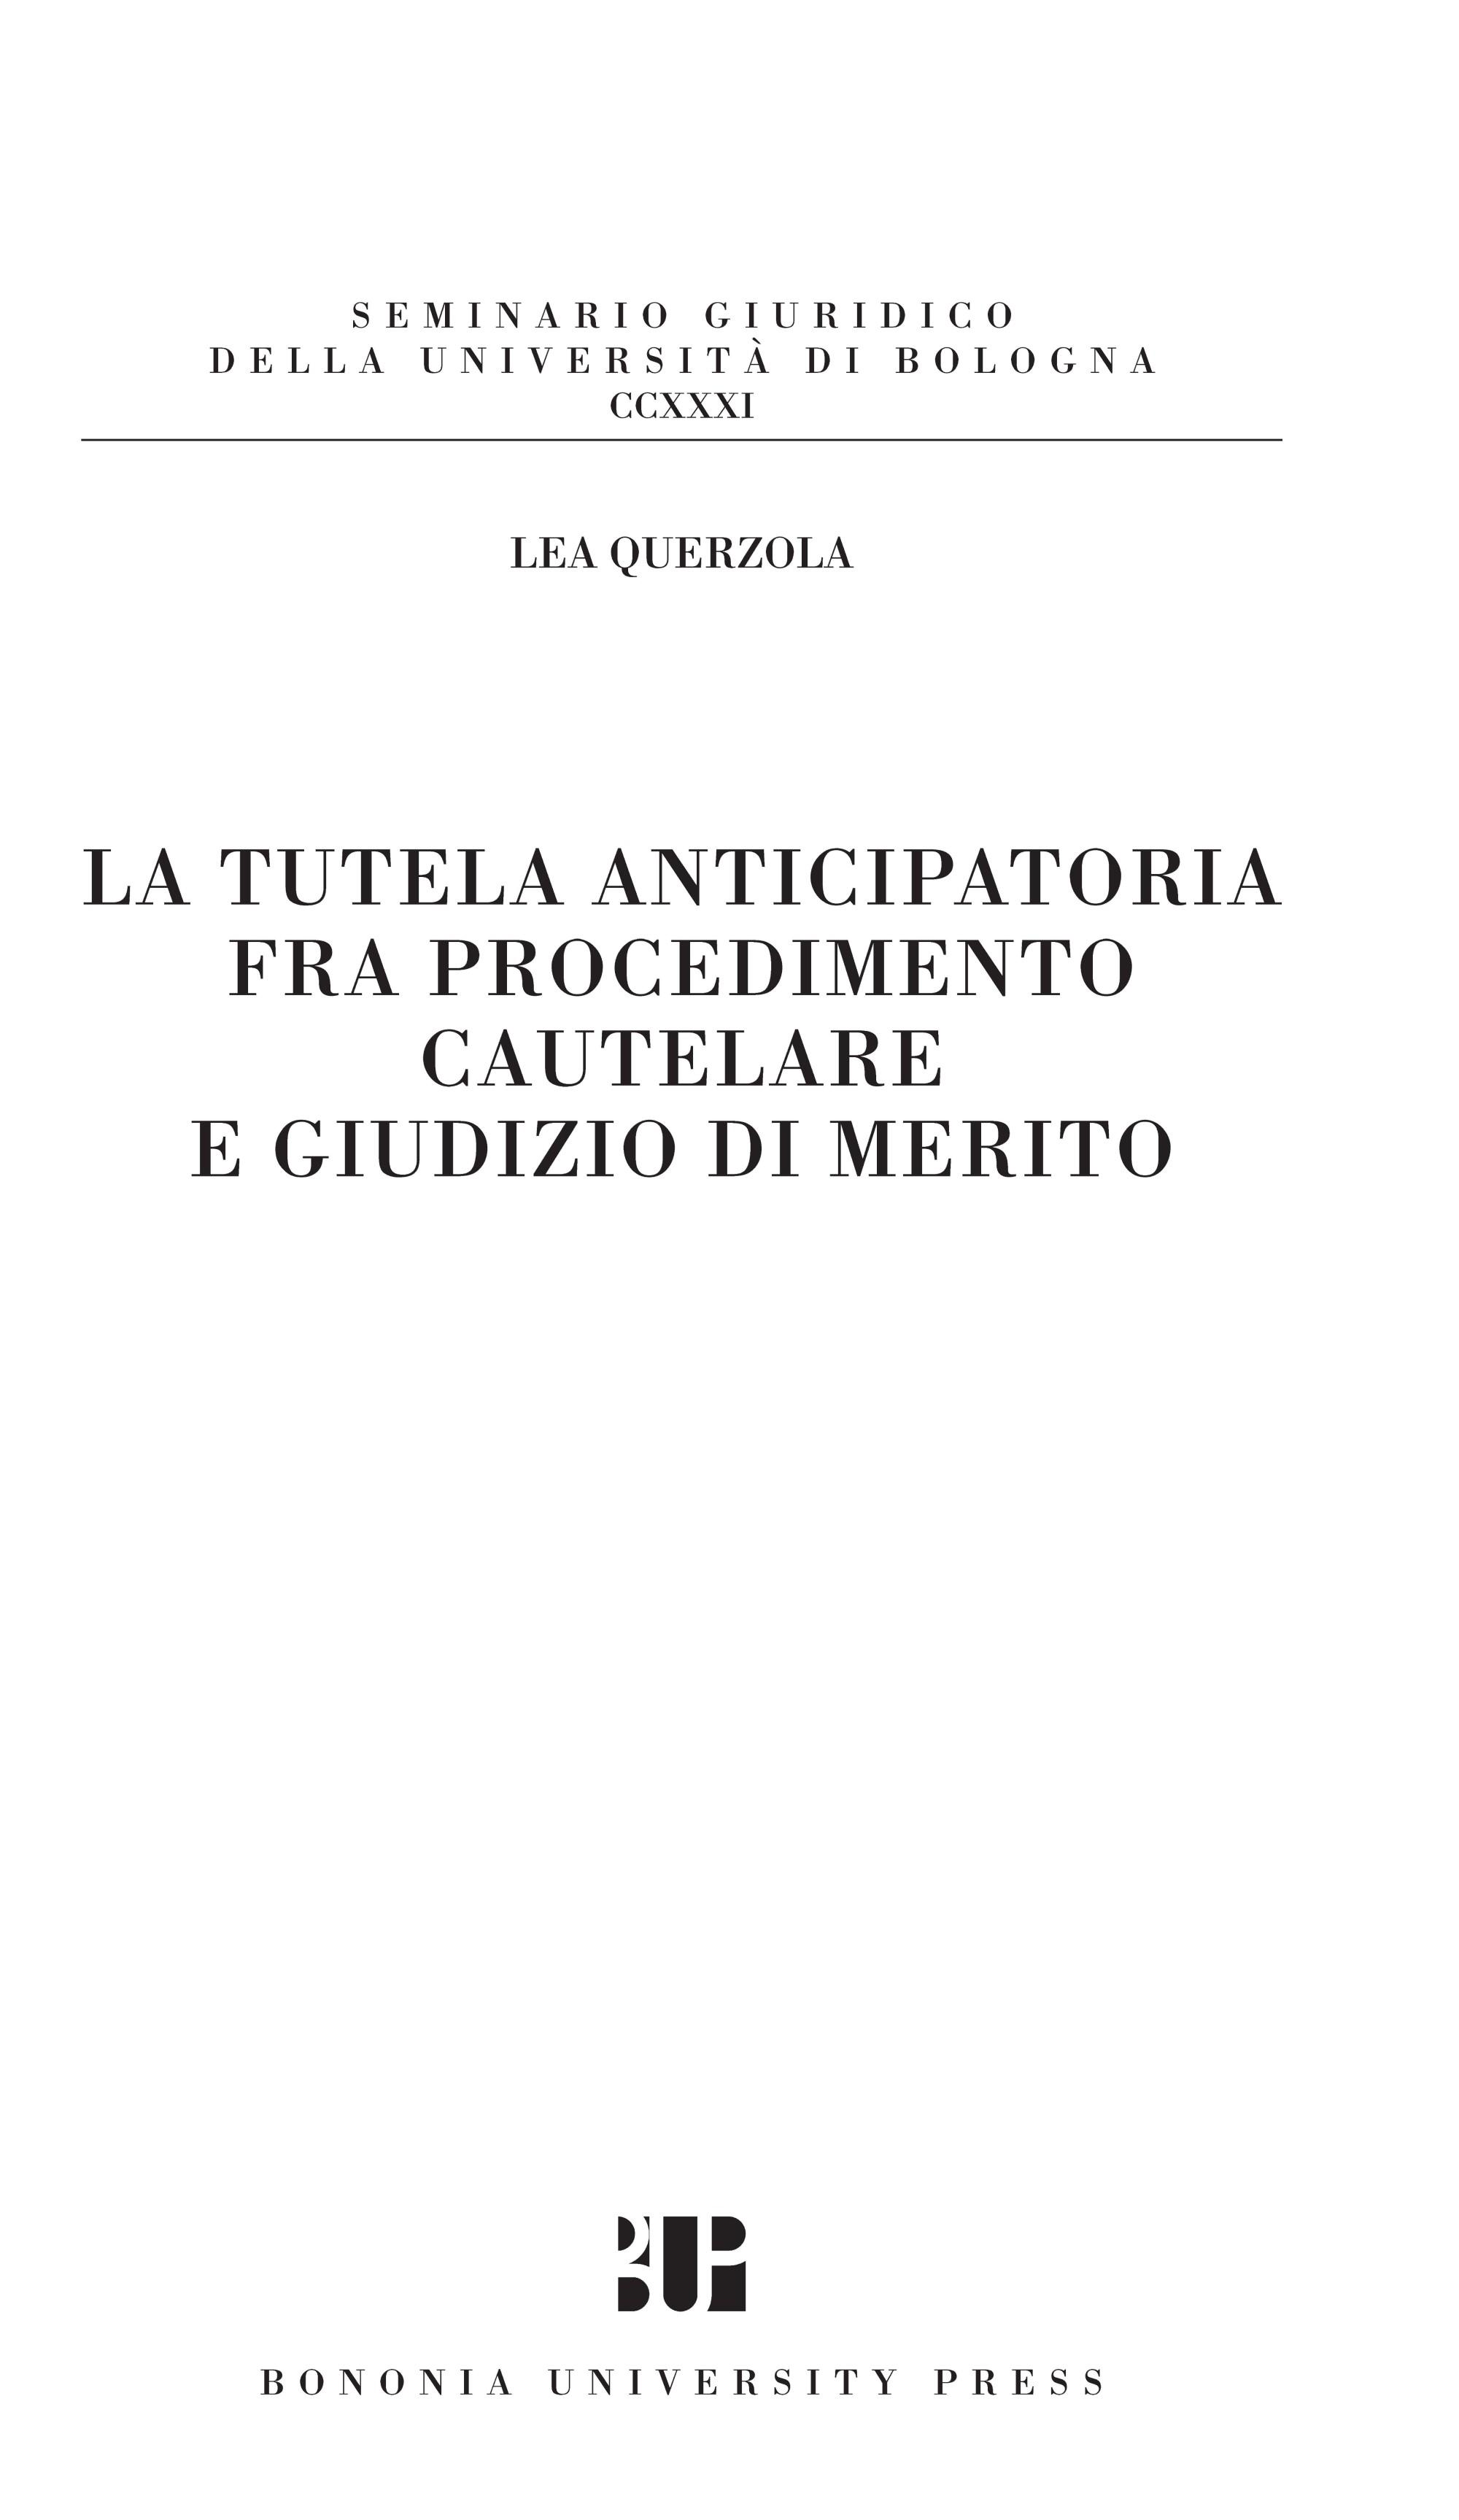 La tutela anticipatoria fra procedimento cautelare e giudizio di merito - Bononia University Press